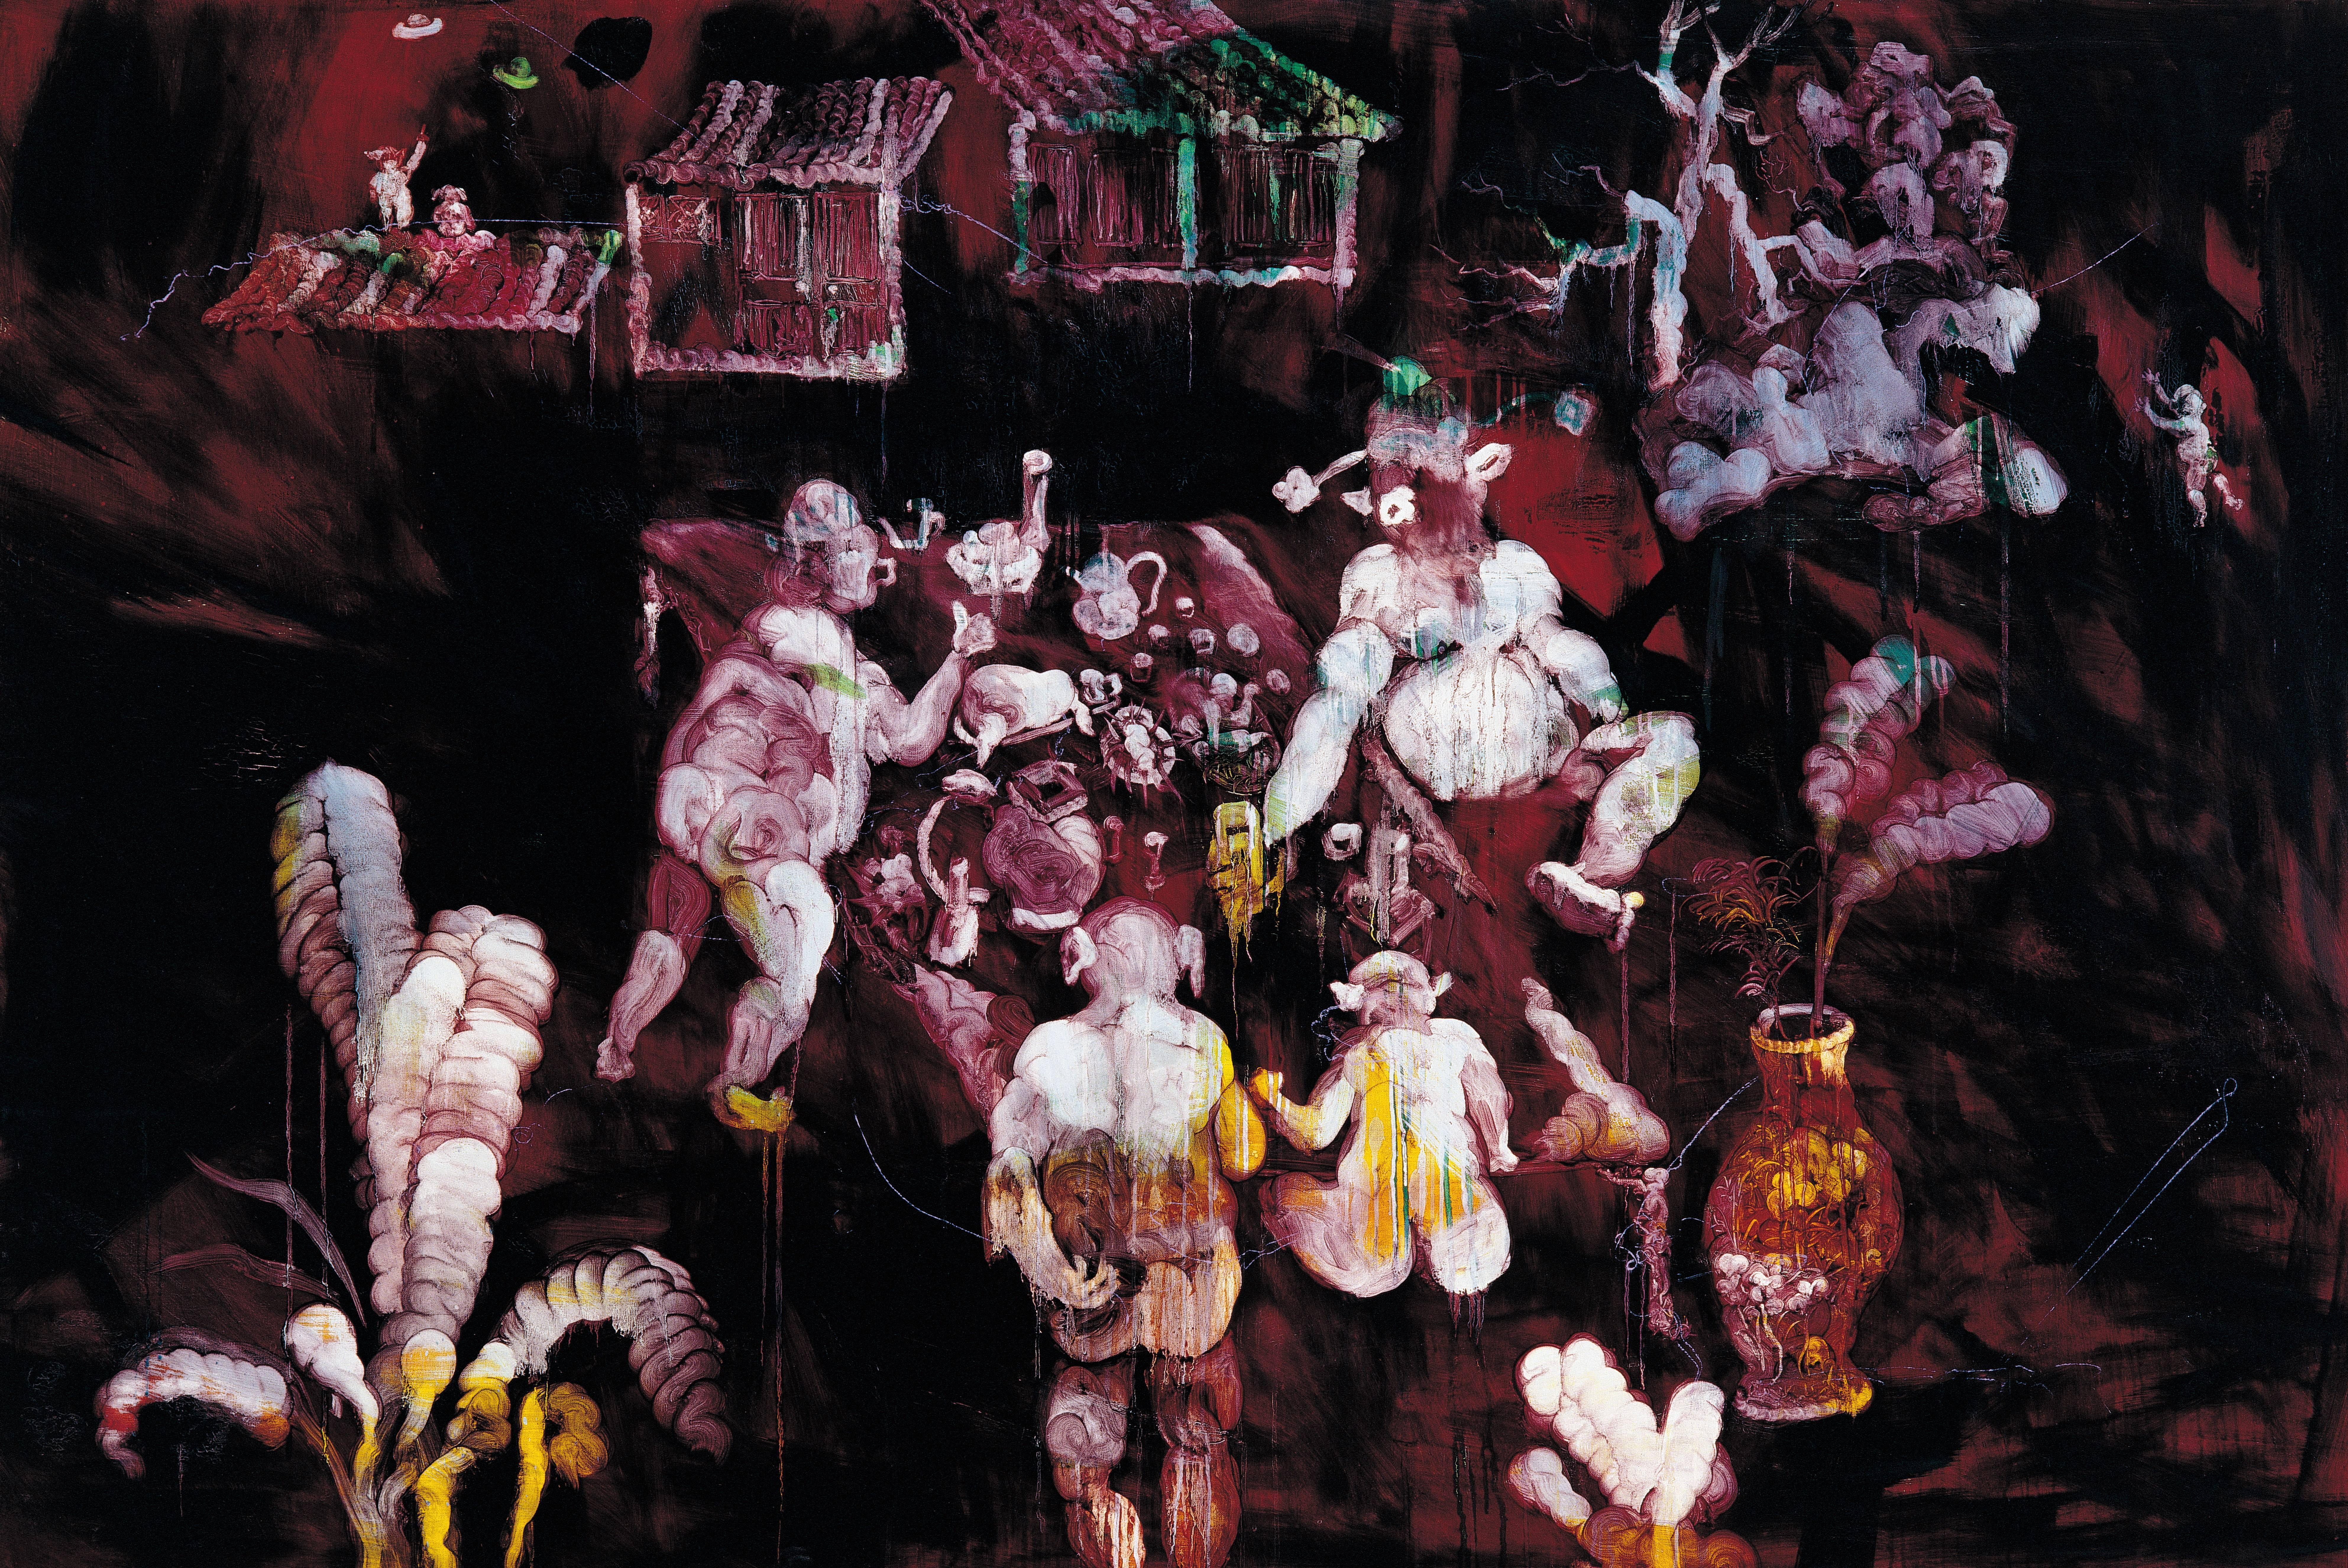 常陵|五花肉都市-肉都市-高家莊夜宴|2008|油彩|130x194cm